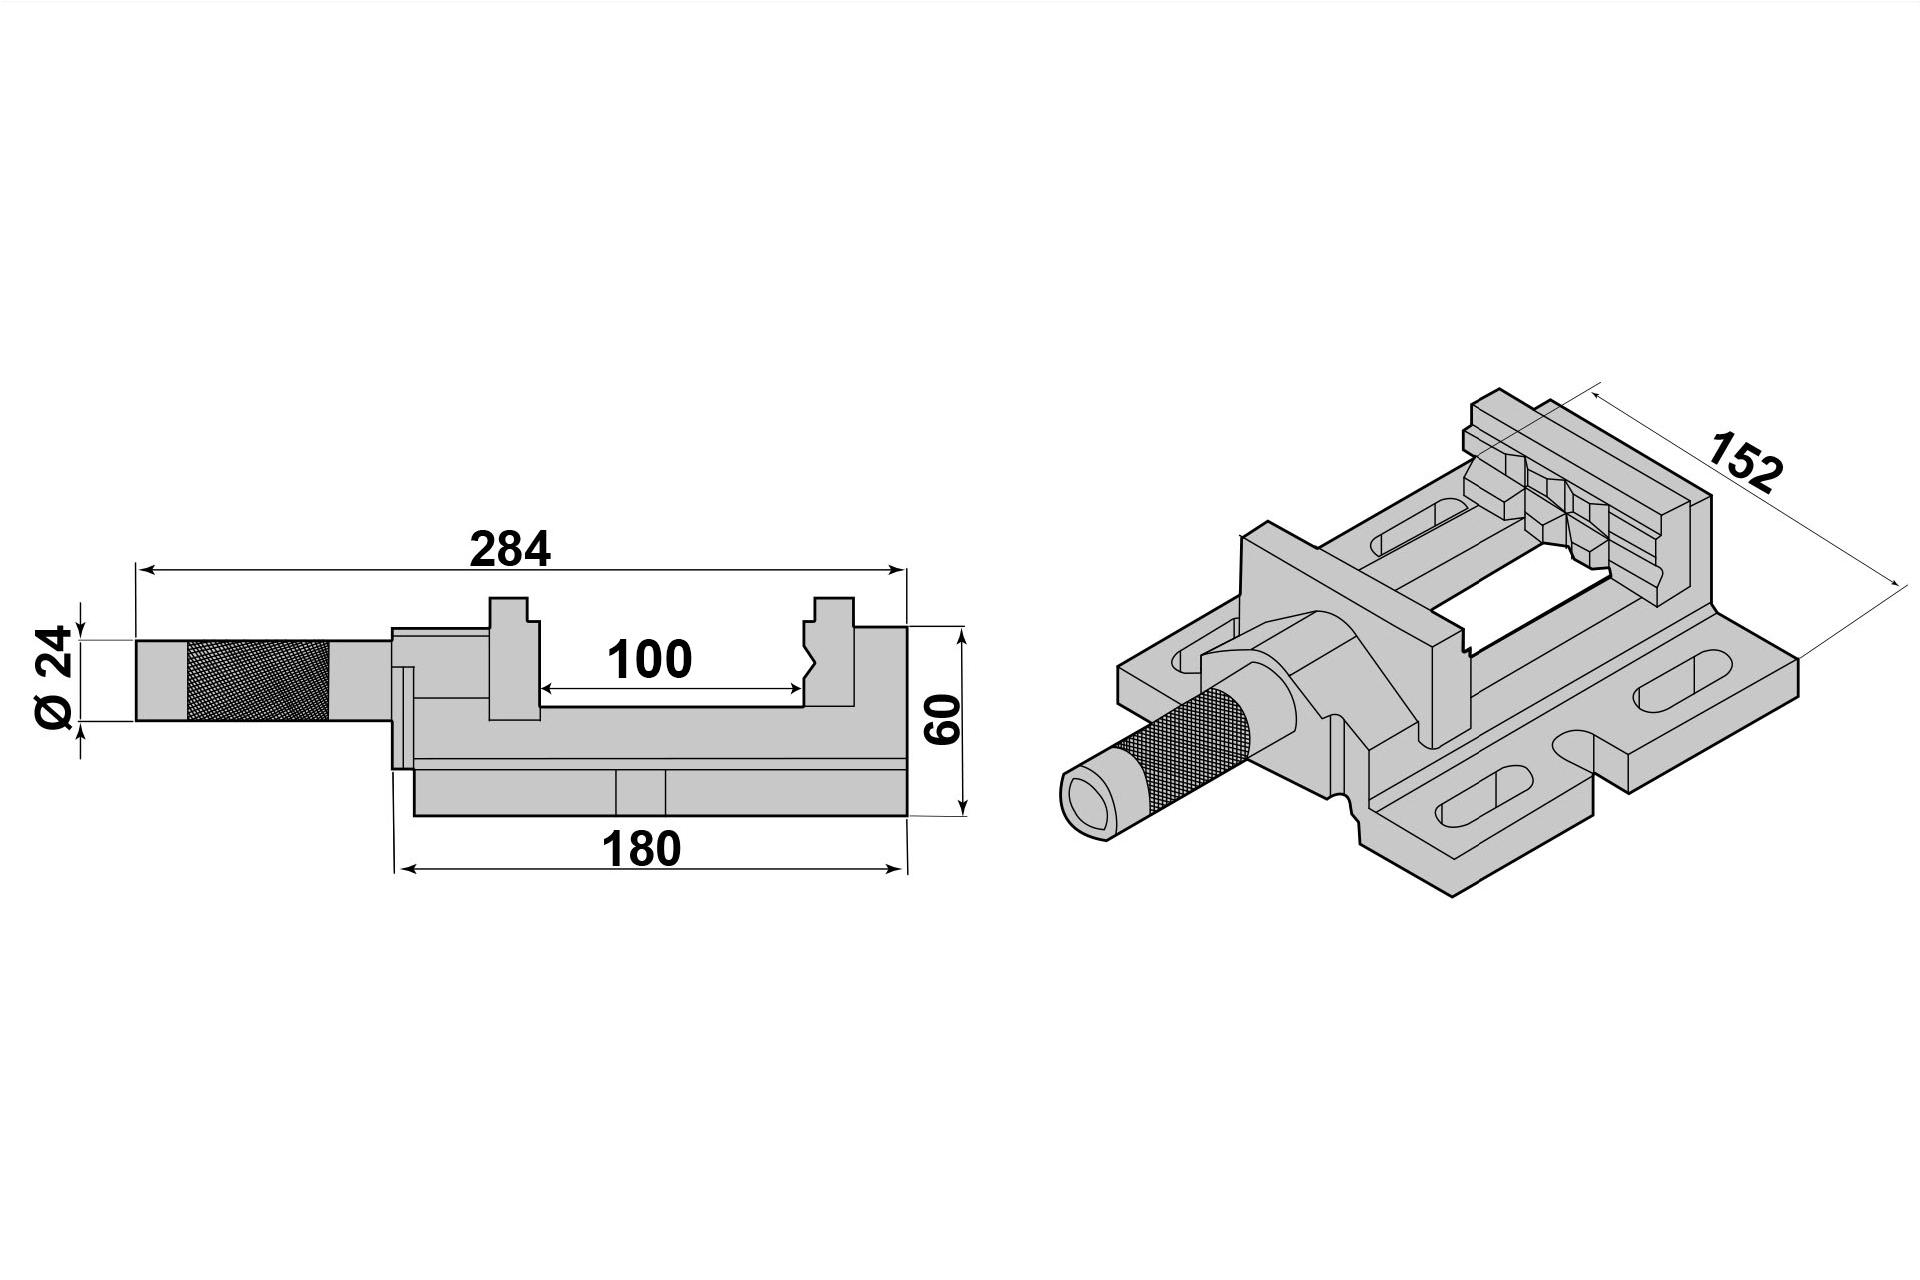 PAULIMOT Schraubstock-Schutzbacken 125 mm Typ F